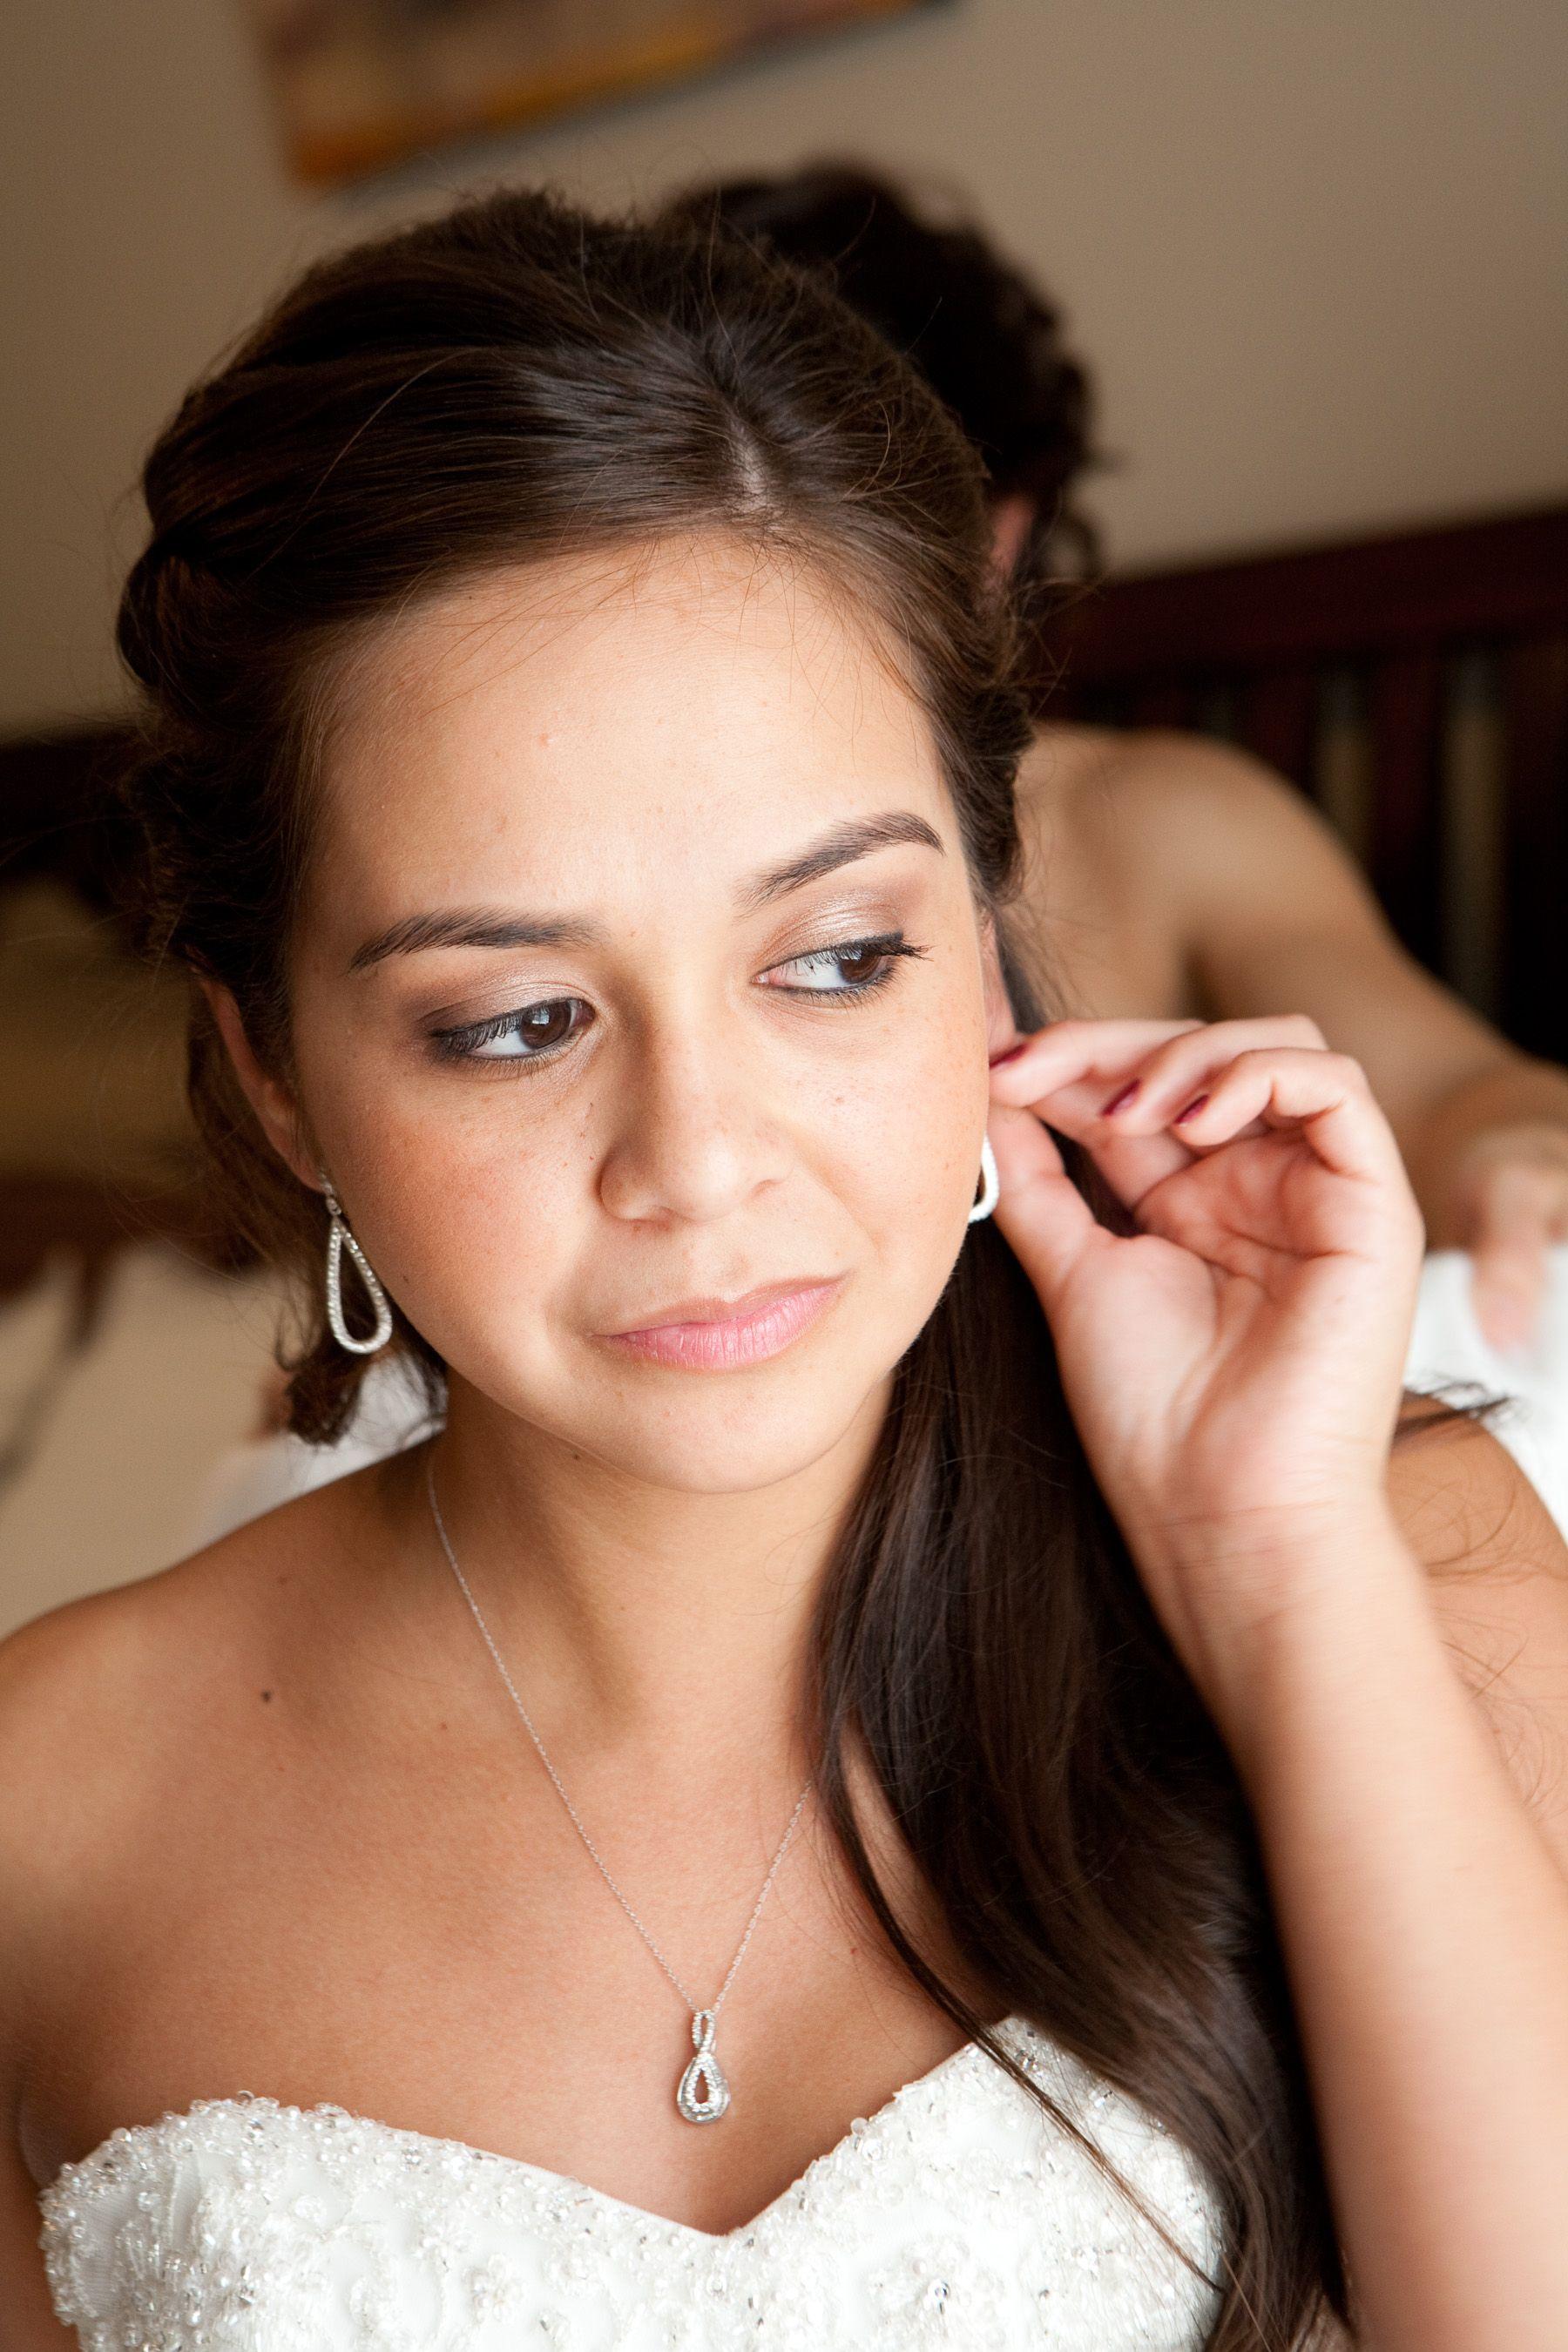 Why Choose Airbrush Make Up? Hair makeup, Makeup, Hair